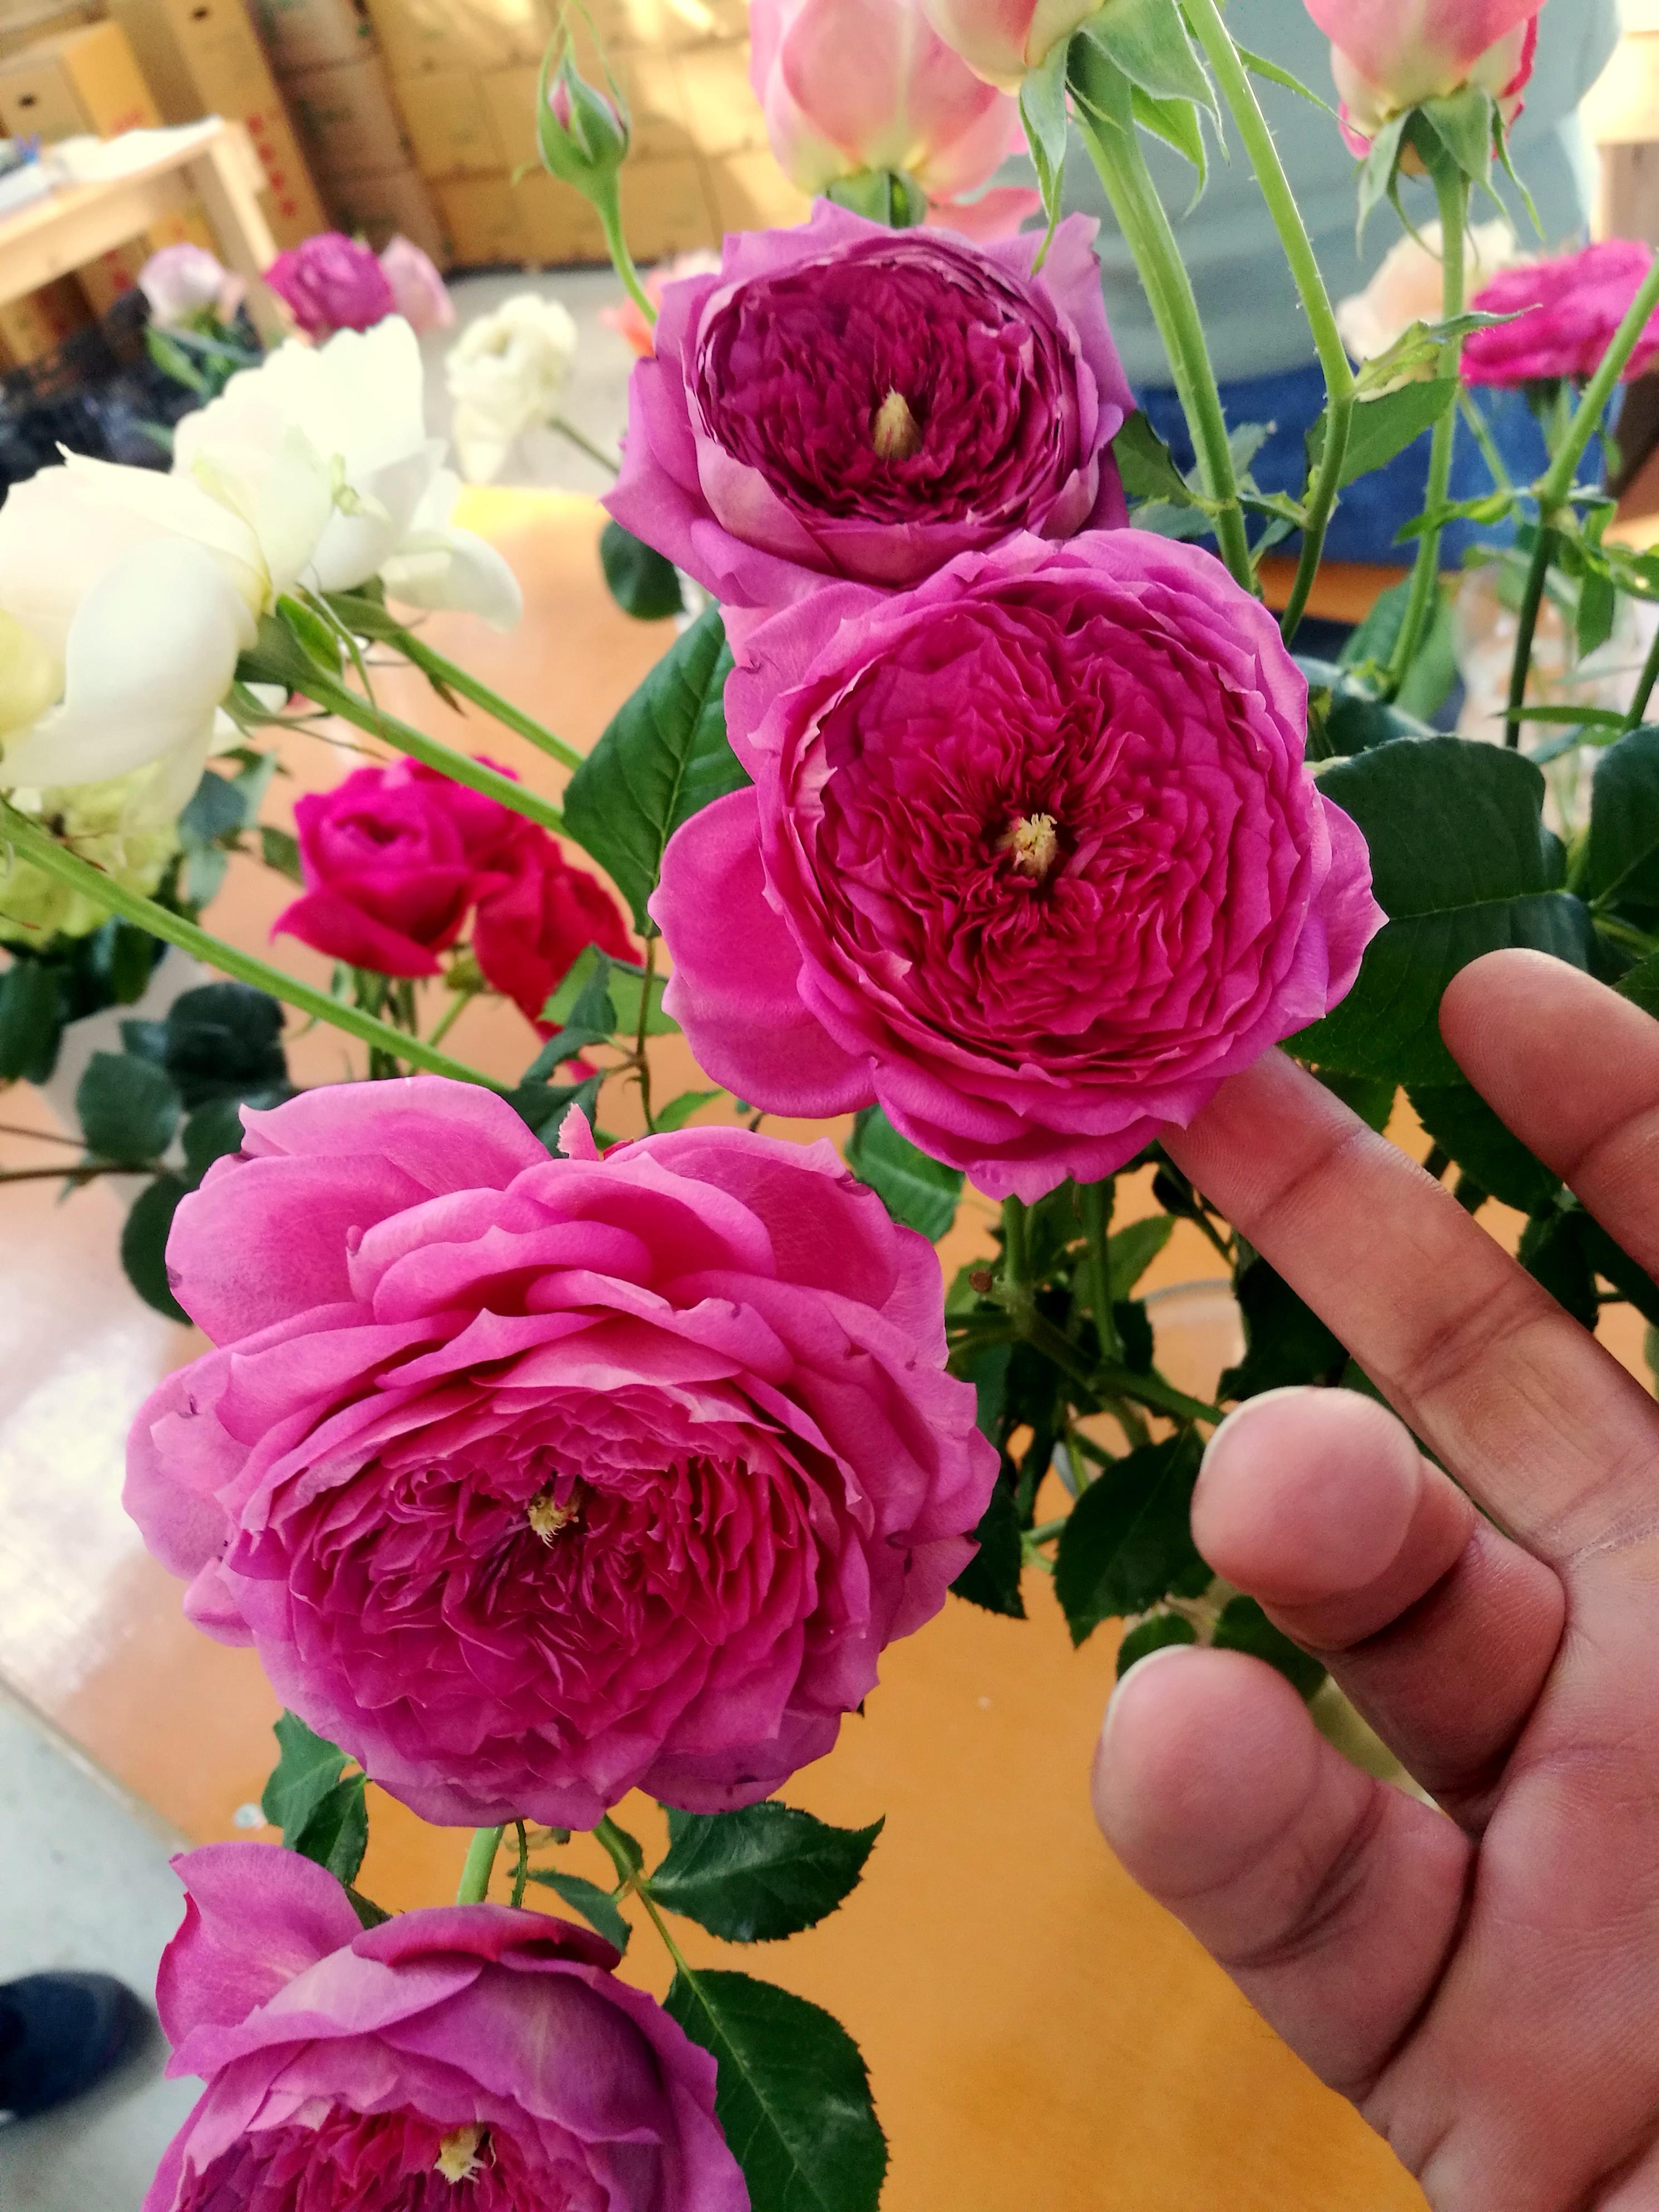 「日本のバラ、ケニアのバラ」 ケニアのバラ農園の日々Vol.7